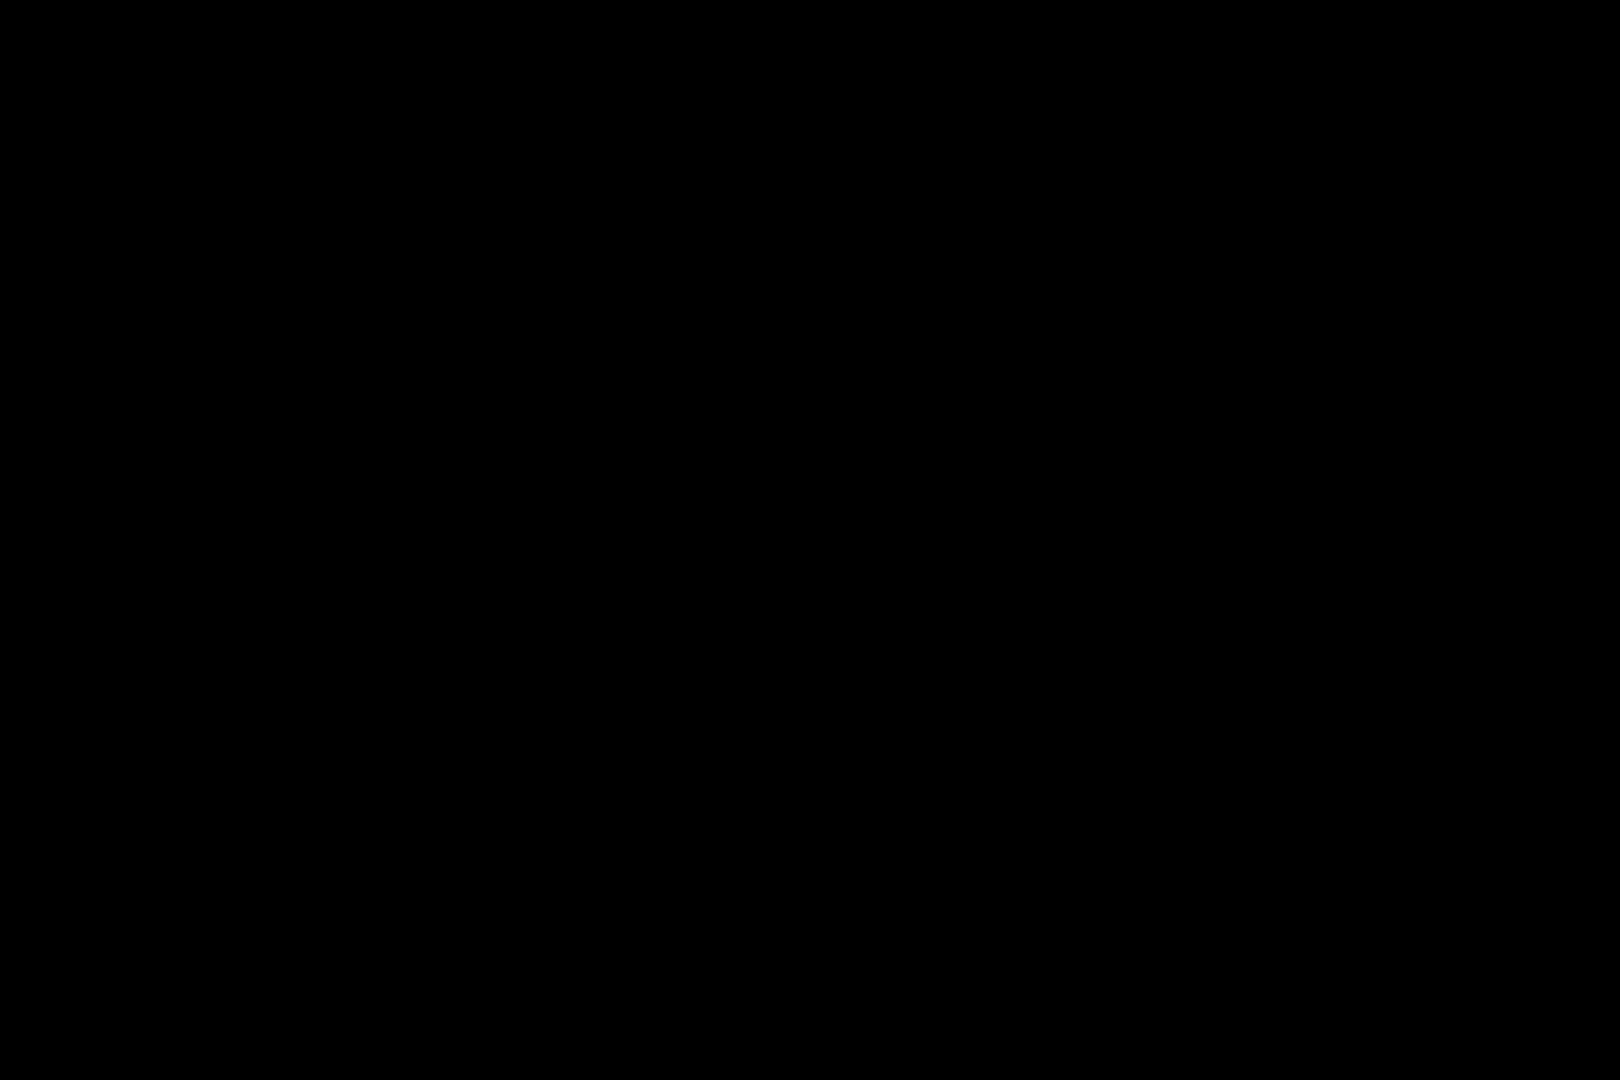 三ツ星シリーズ 魅惑のMemorial Night!! vol.03 三ツ星シリーズ ゲイ丸見え画像 101枚 65